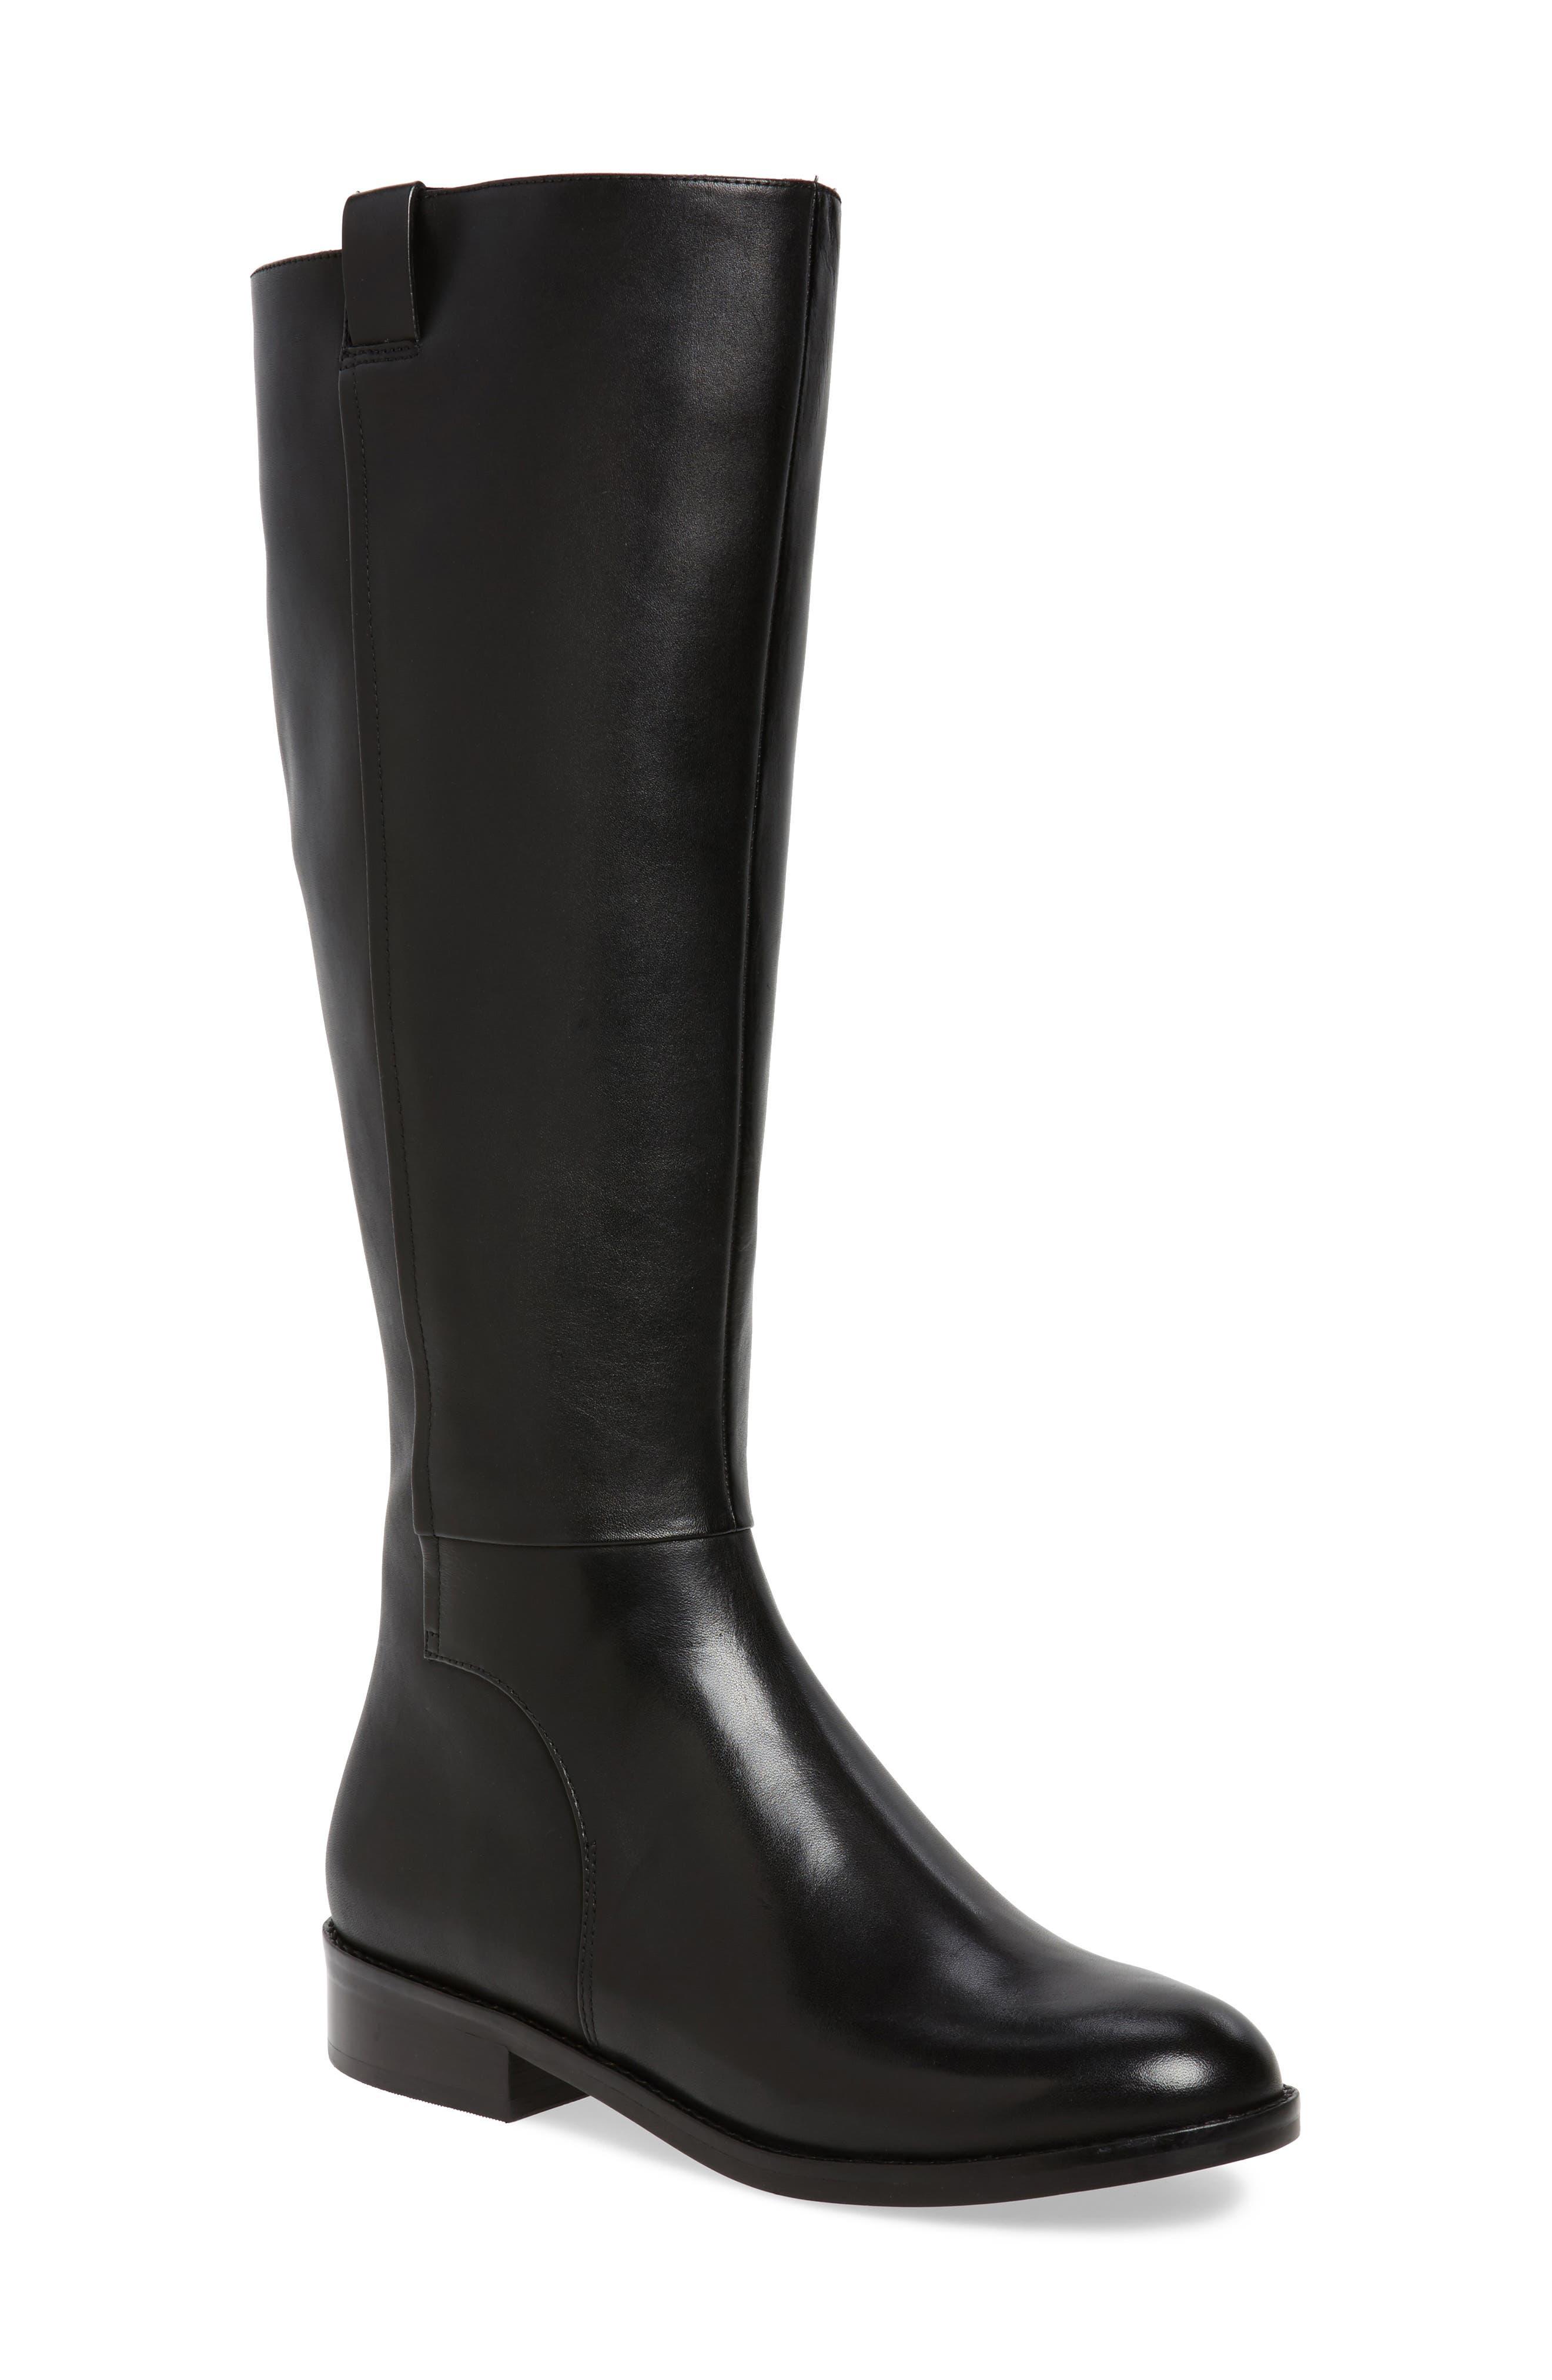 Alternate Image 1 Selected - Cole Haan Katrina Riding Boot (Women) (Regular & Wide Calf)